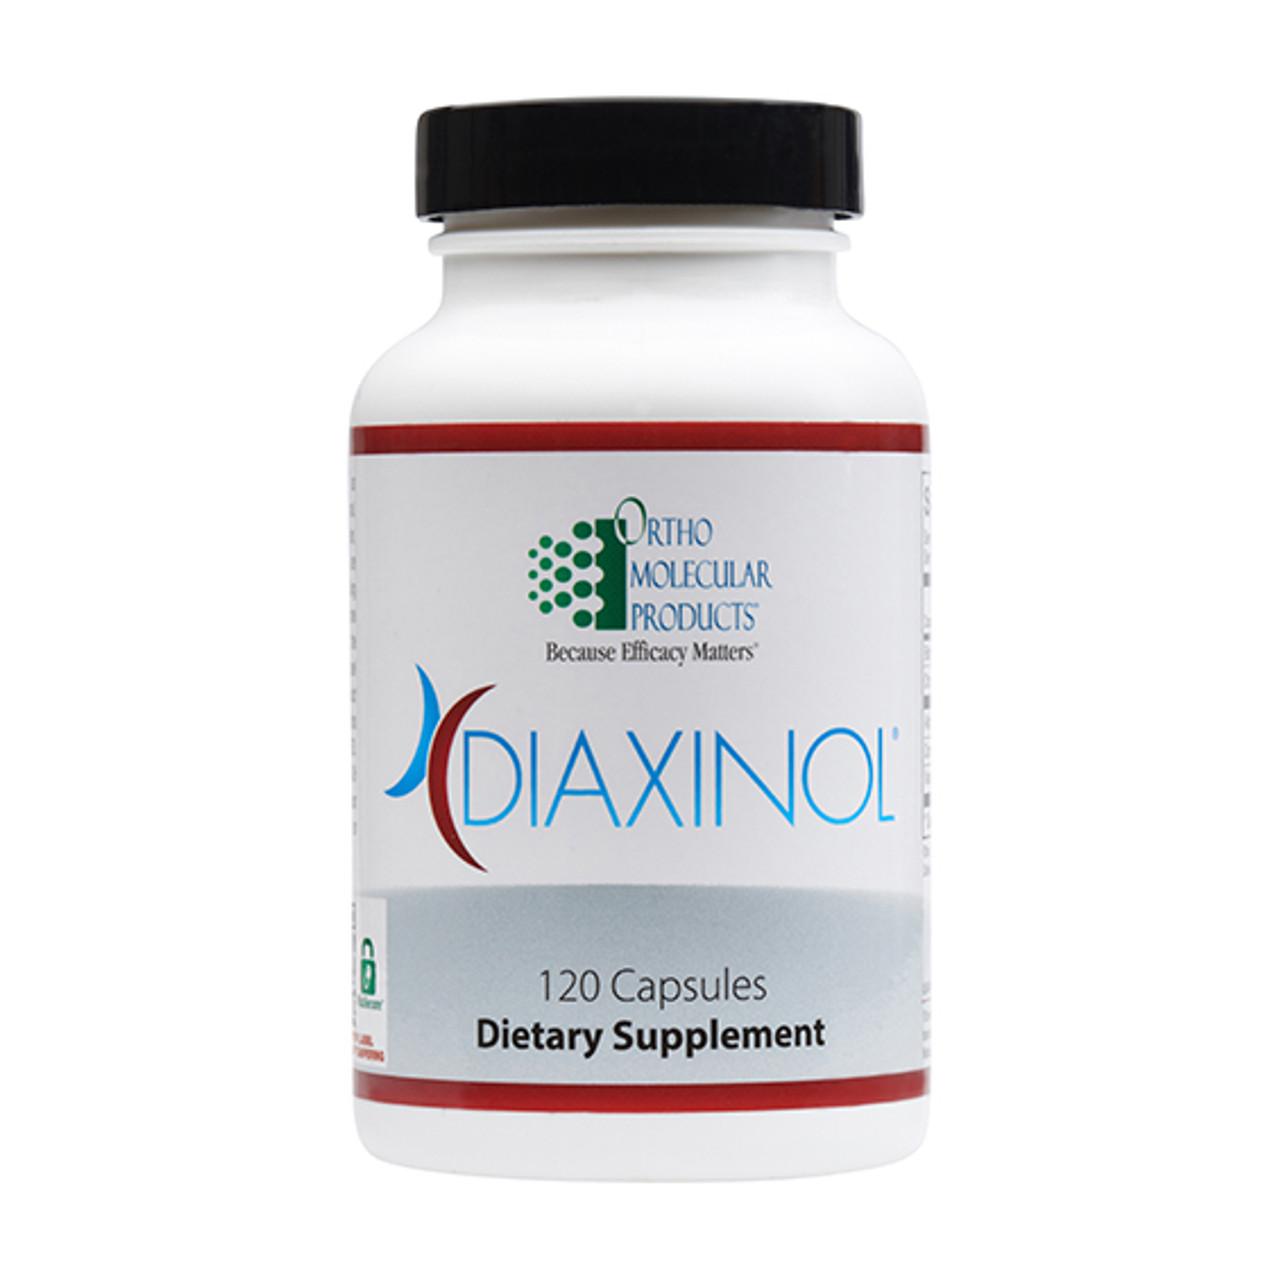 Diaxinol by Ortho Molecular